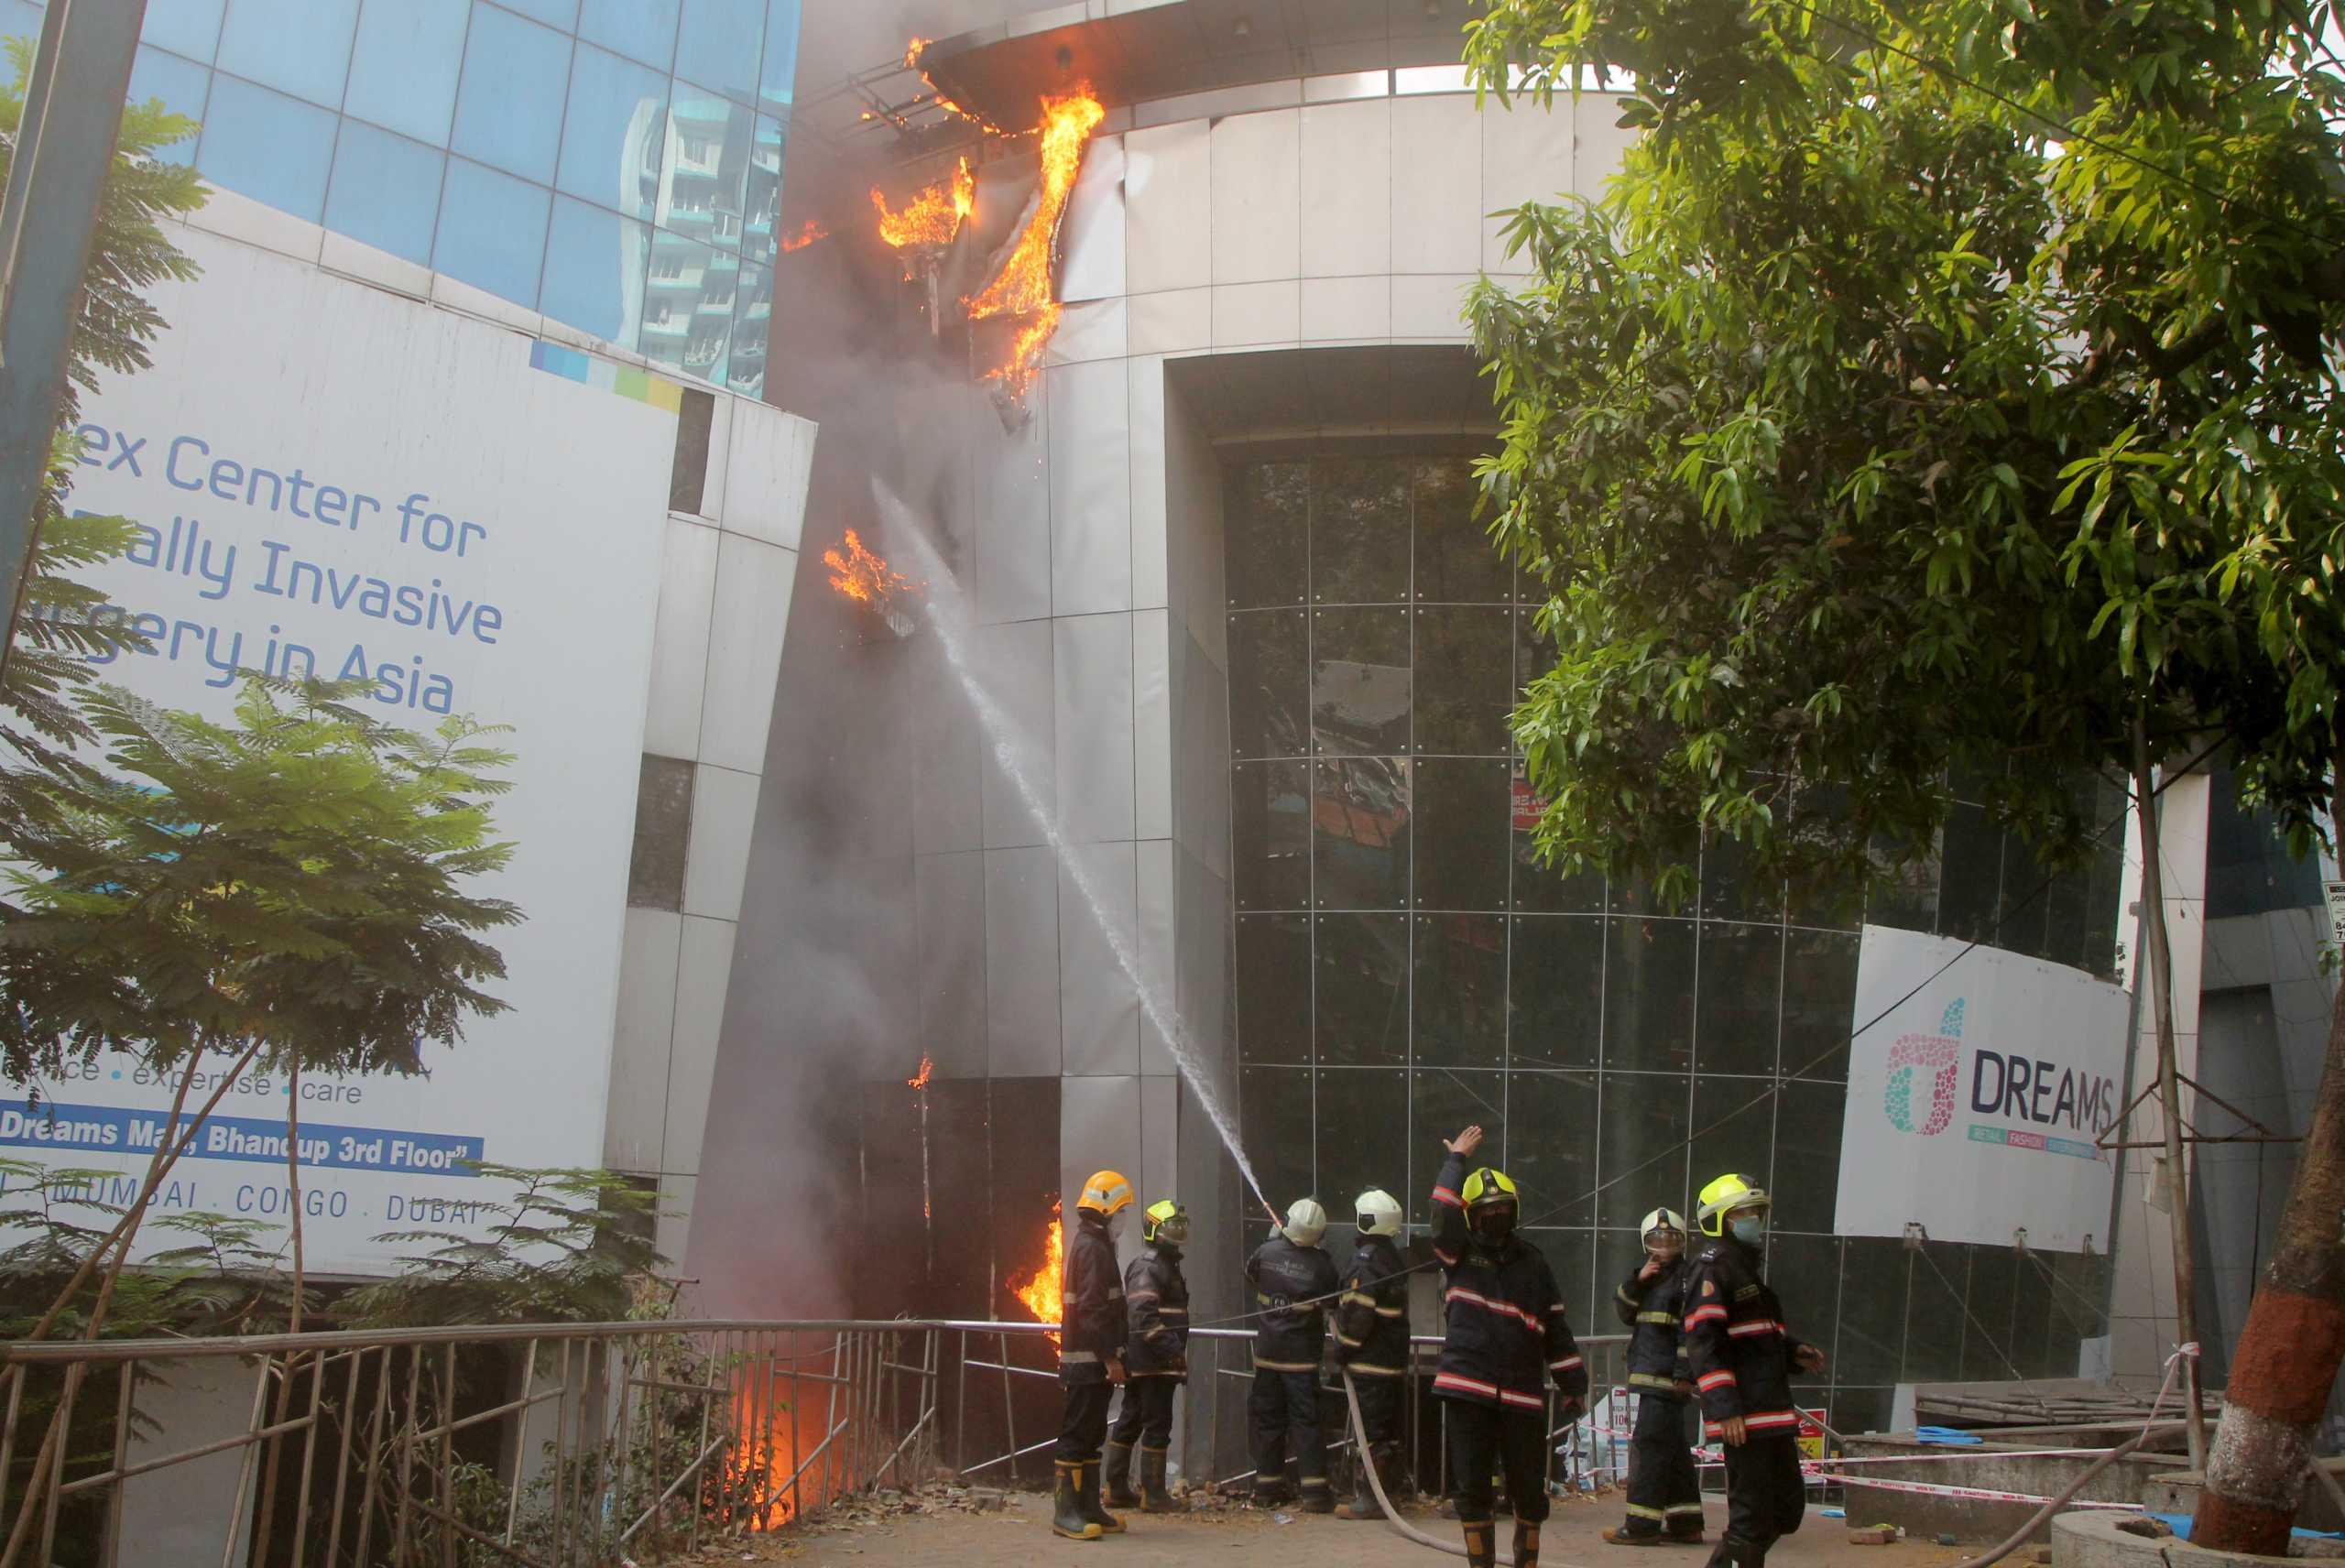 Τραγωδία στην Ινδία: Νεκροί 13 ασθενείς με κορονοϊό μετά από φωτιά σε νοσοκομείο